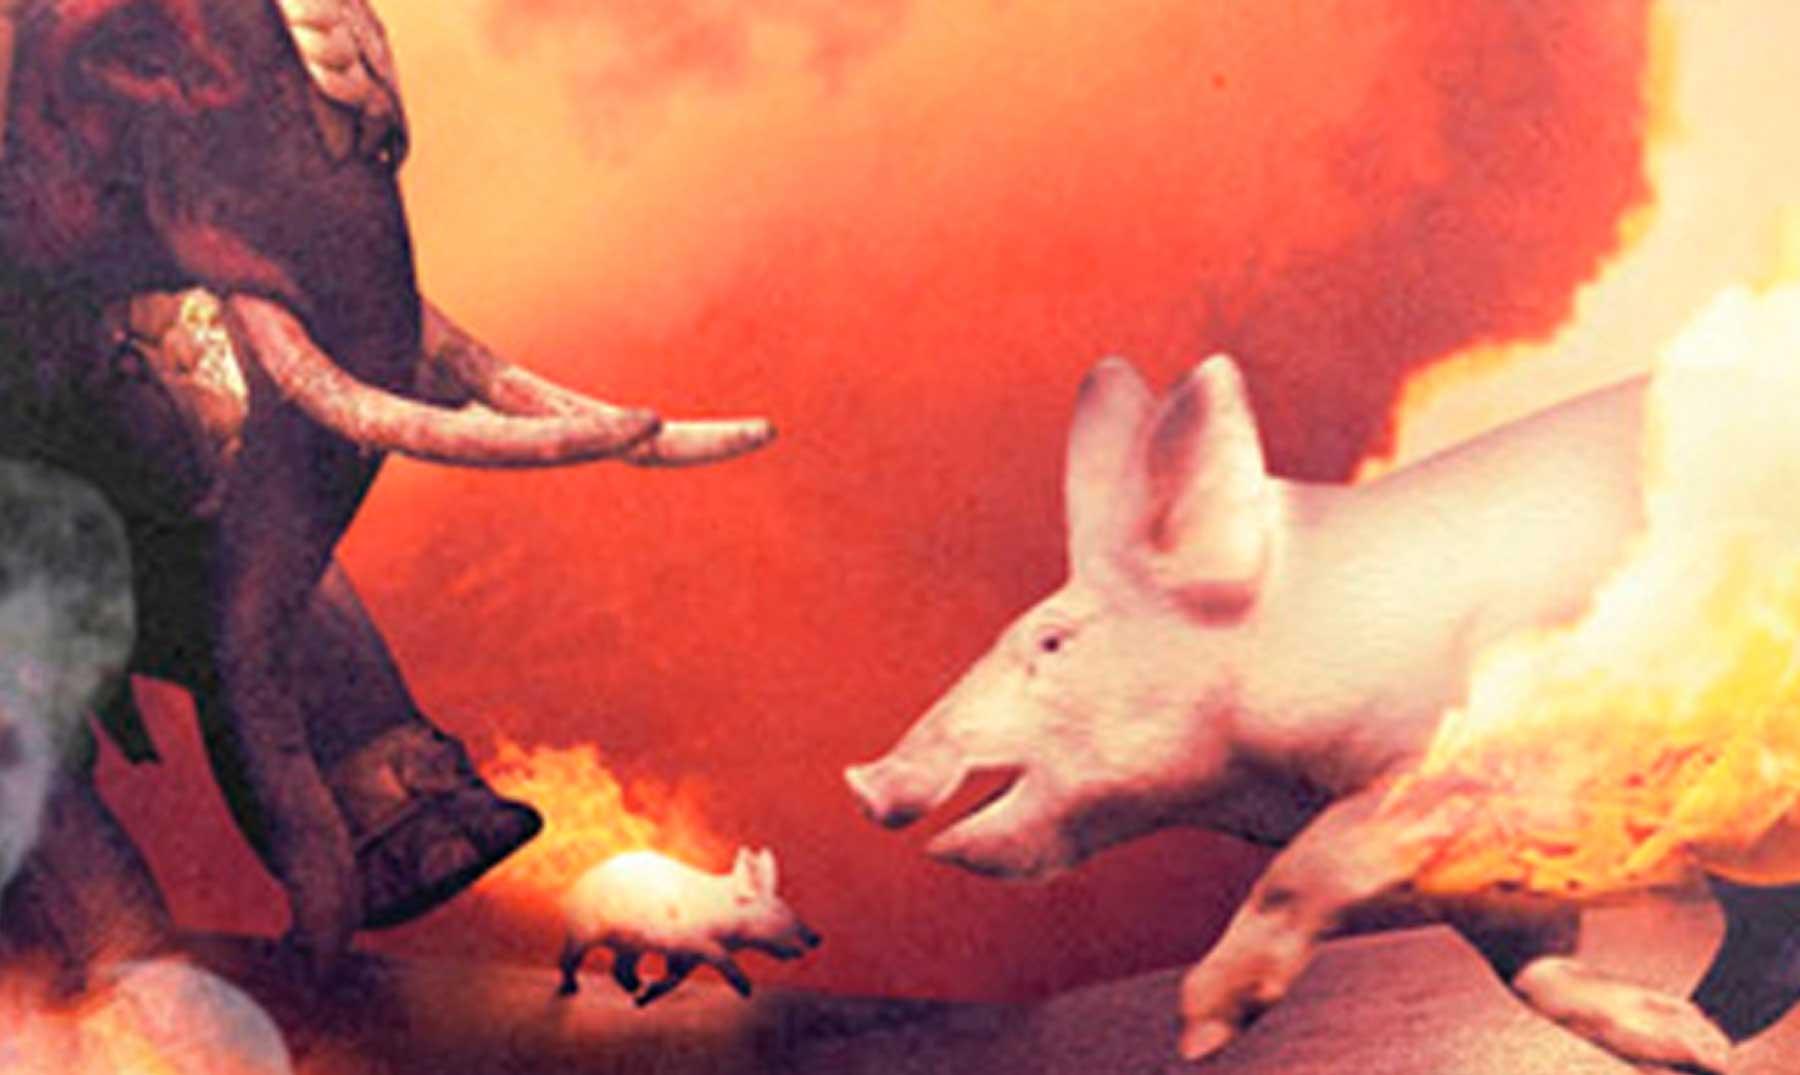 Cerdos en llamas, los antitanques de la antigüedad